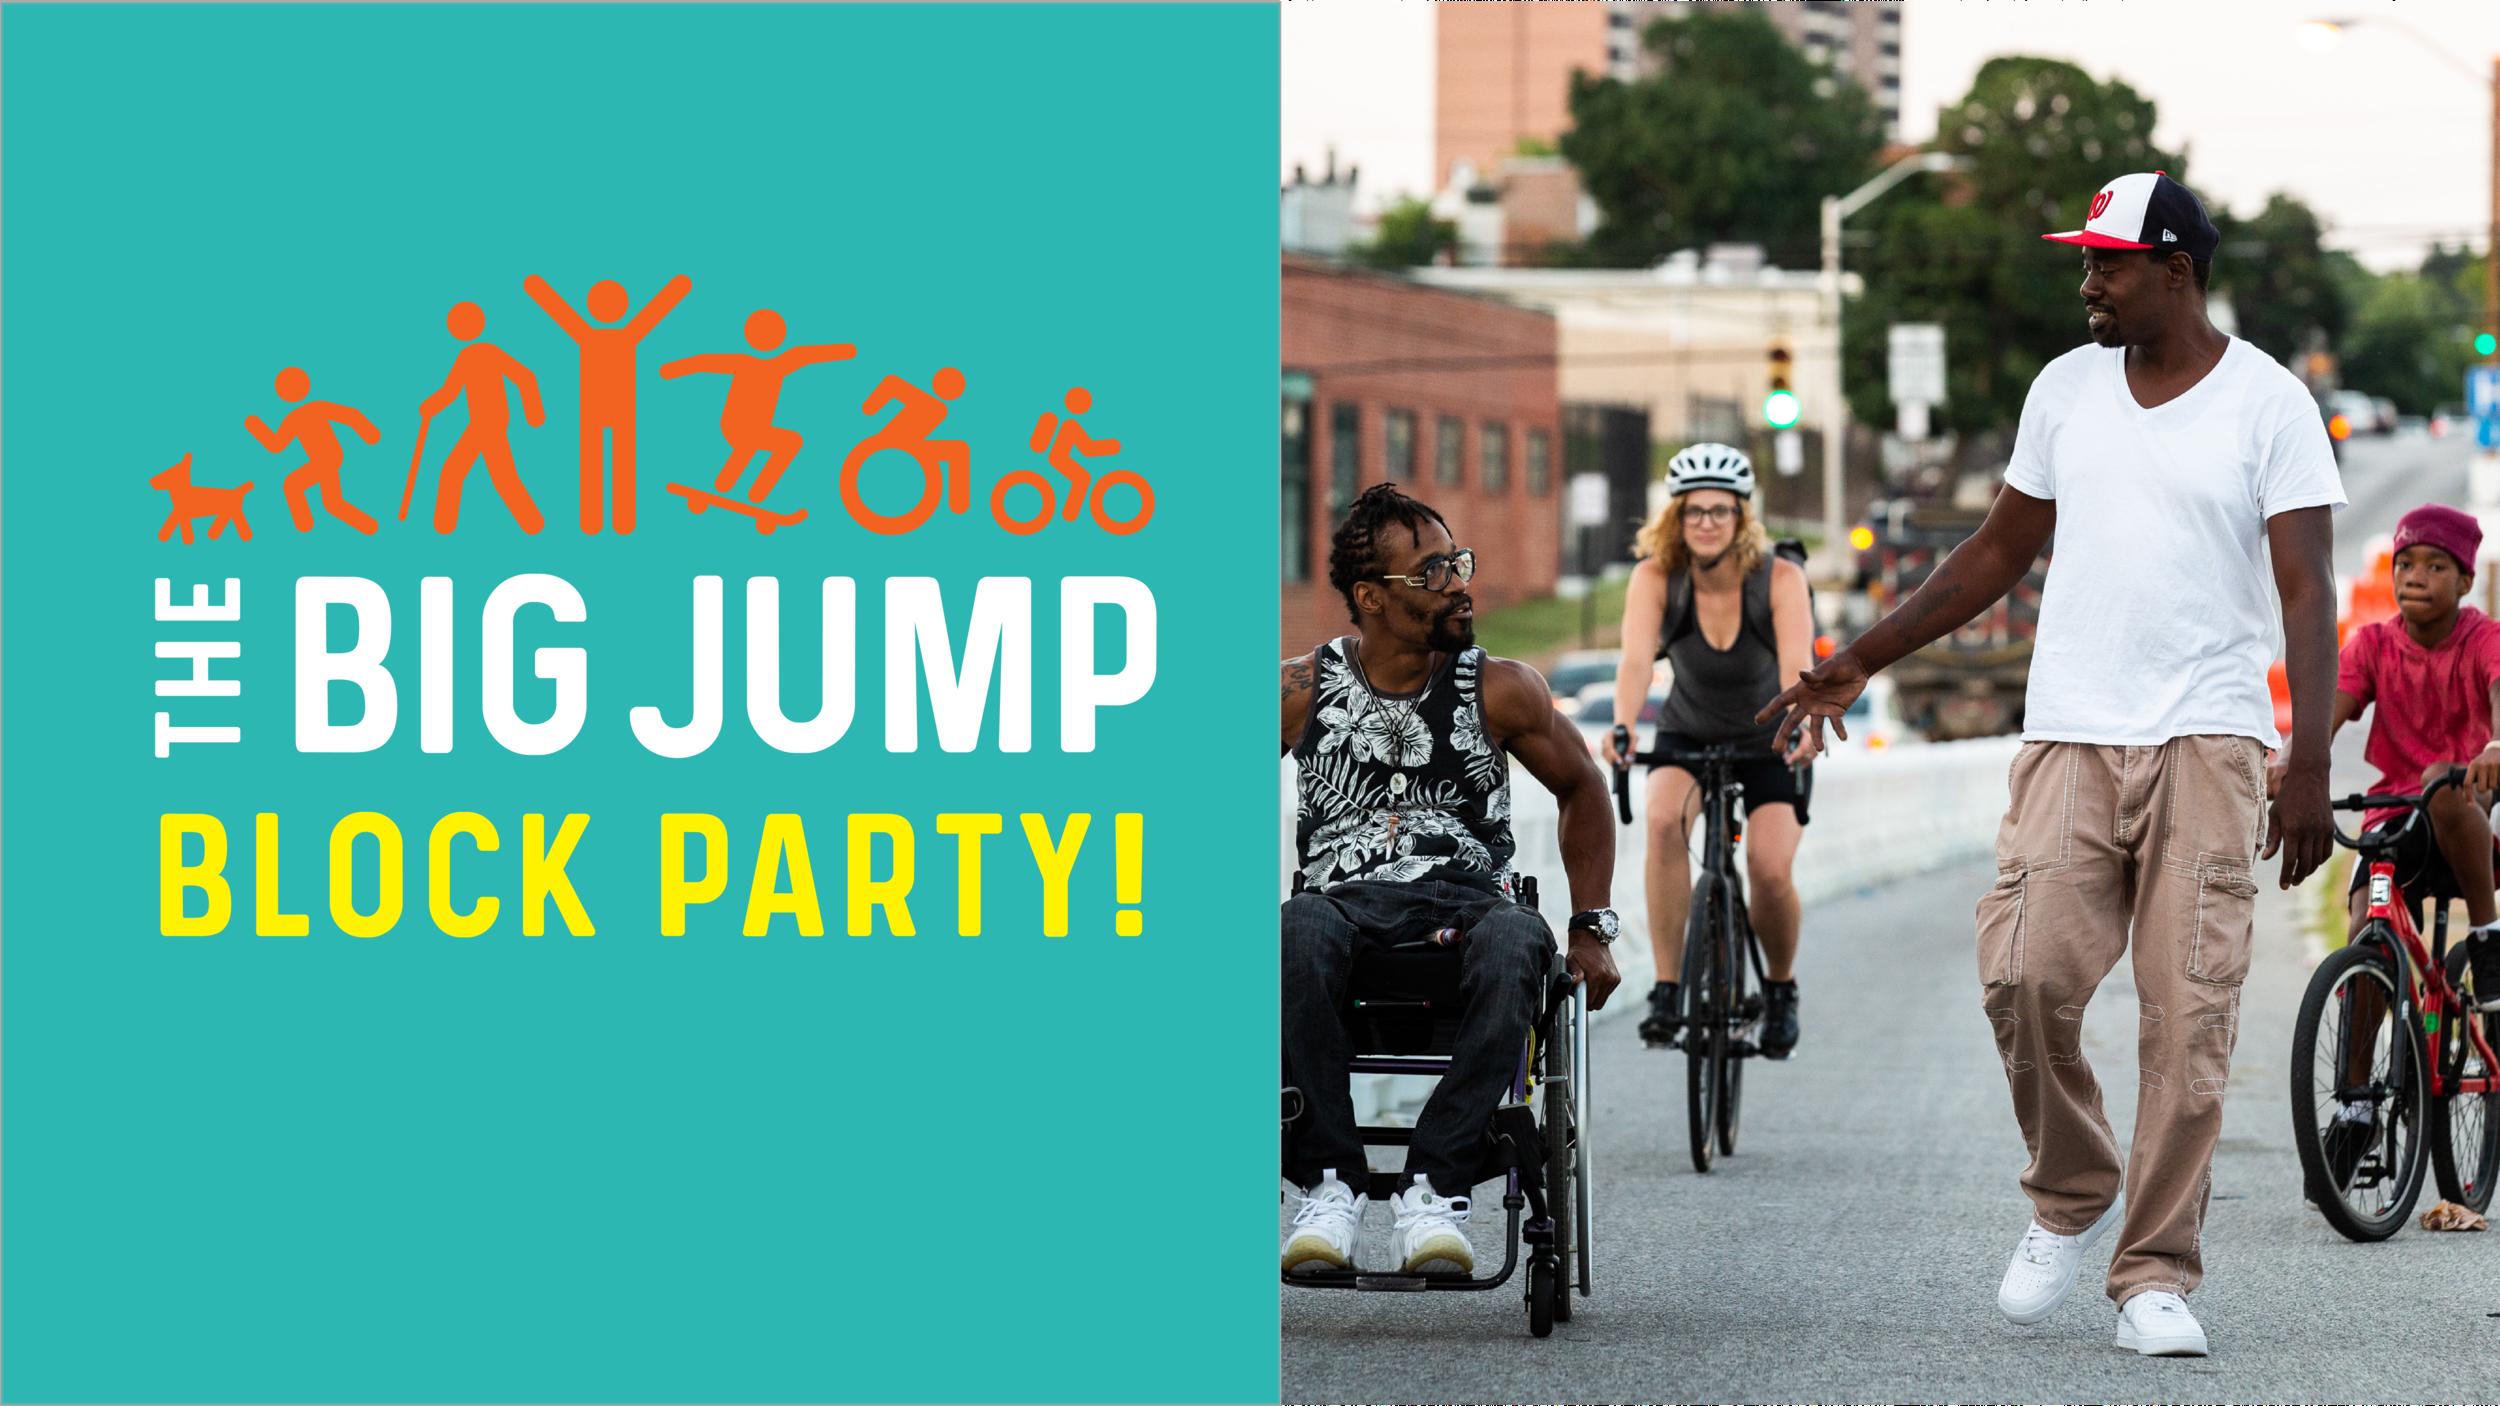 big jump facebook event header.png